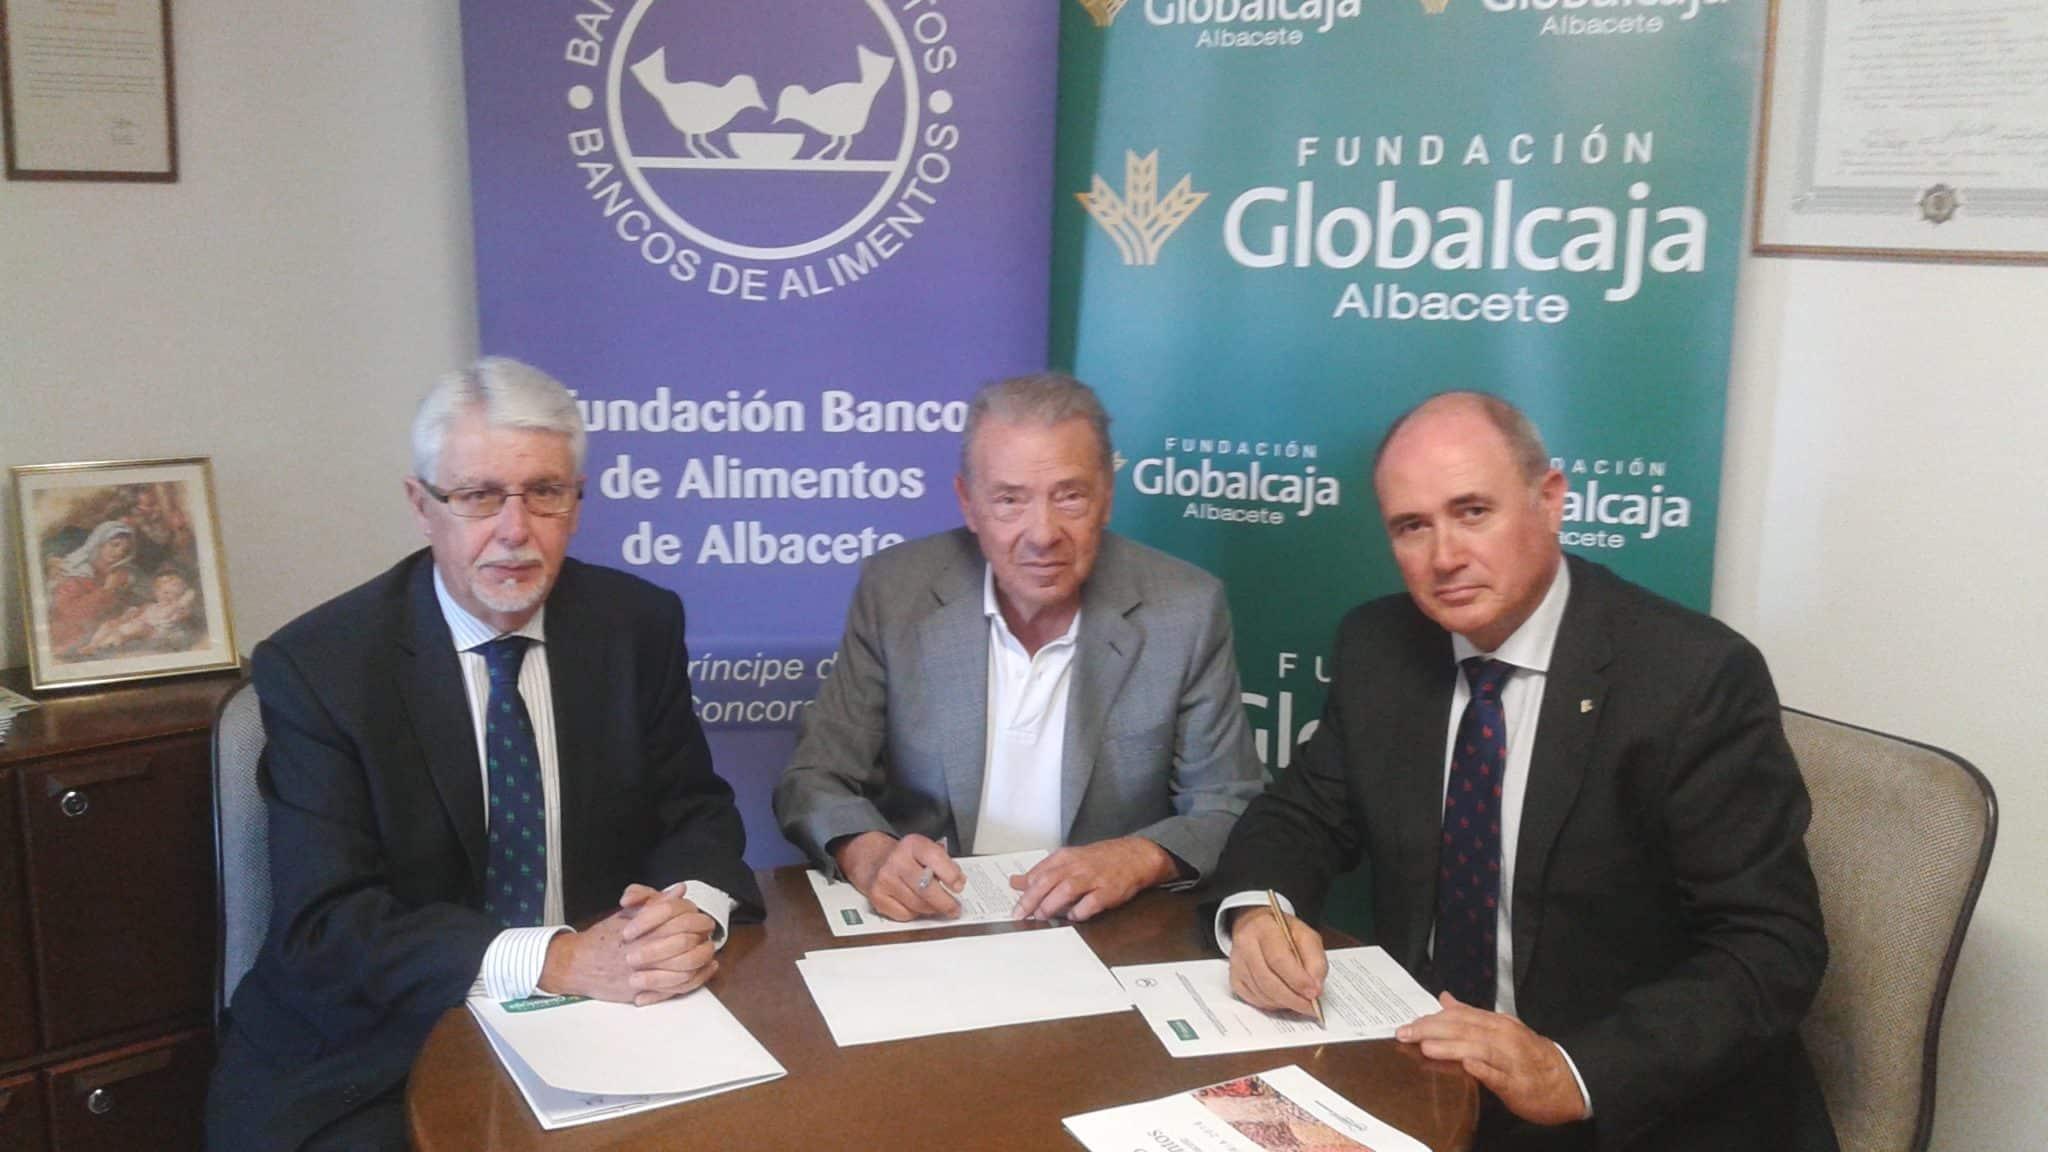 CONVENIO DE COLABORACION DE LA FUNDACION GLOBALCAJA ALBACETE CON EL BANCO DE ALIMENTOS